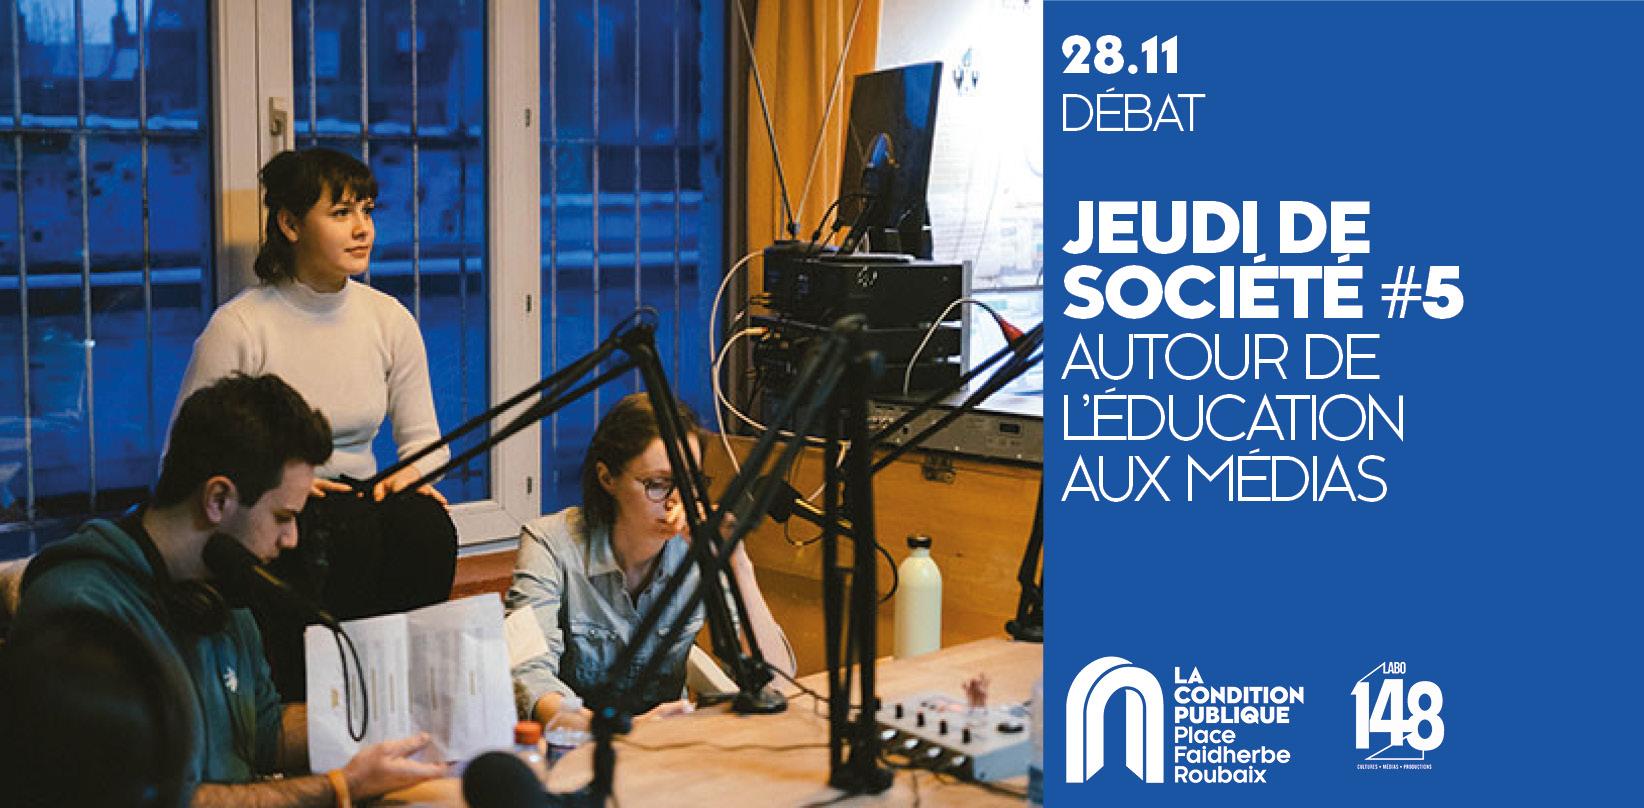 Jeudi de société #5 : l'éducation aux médias